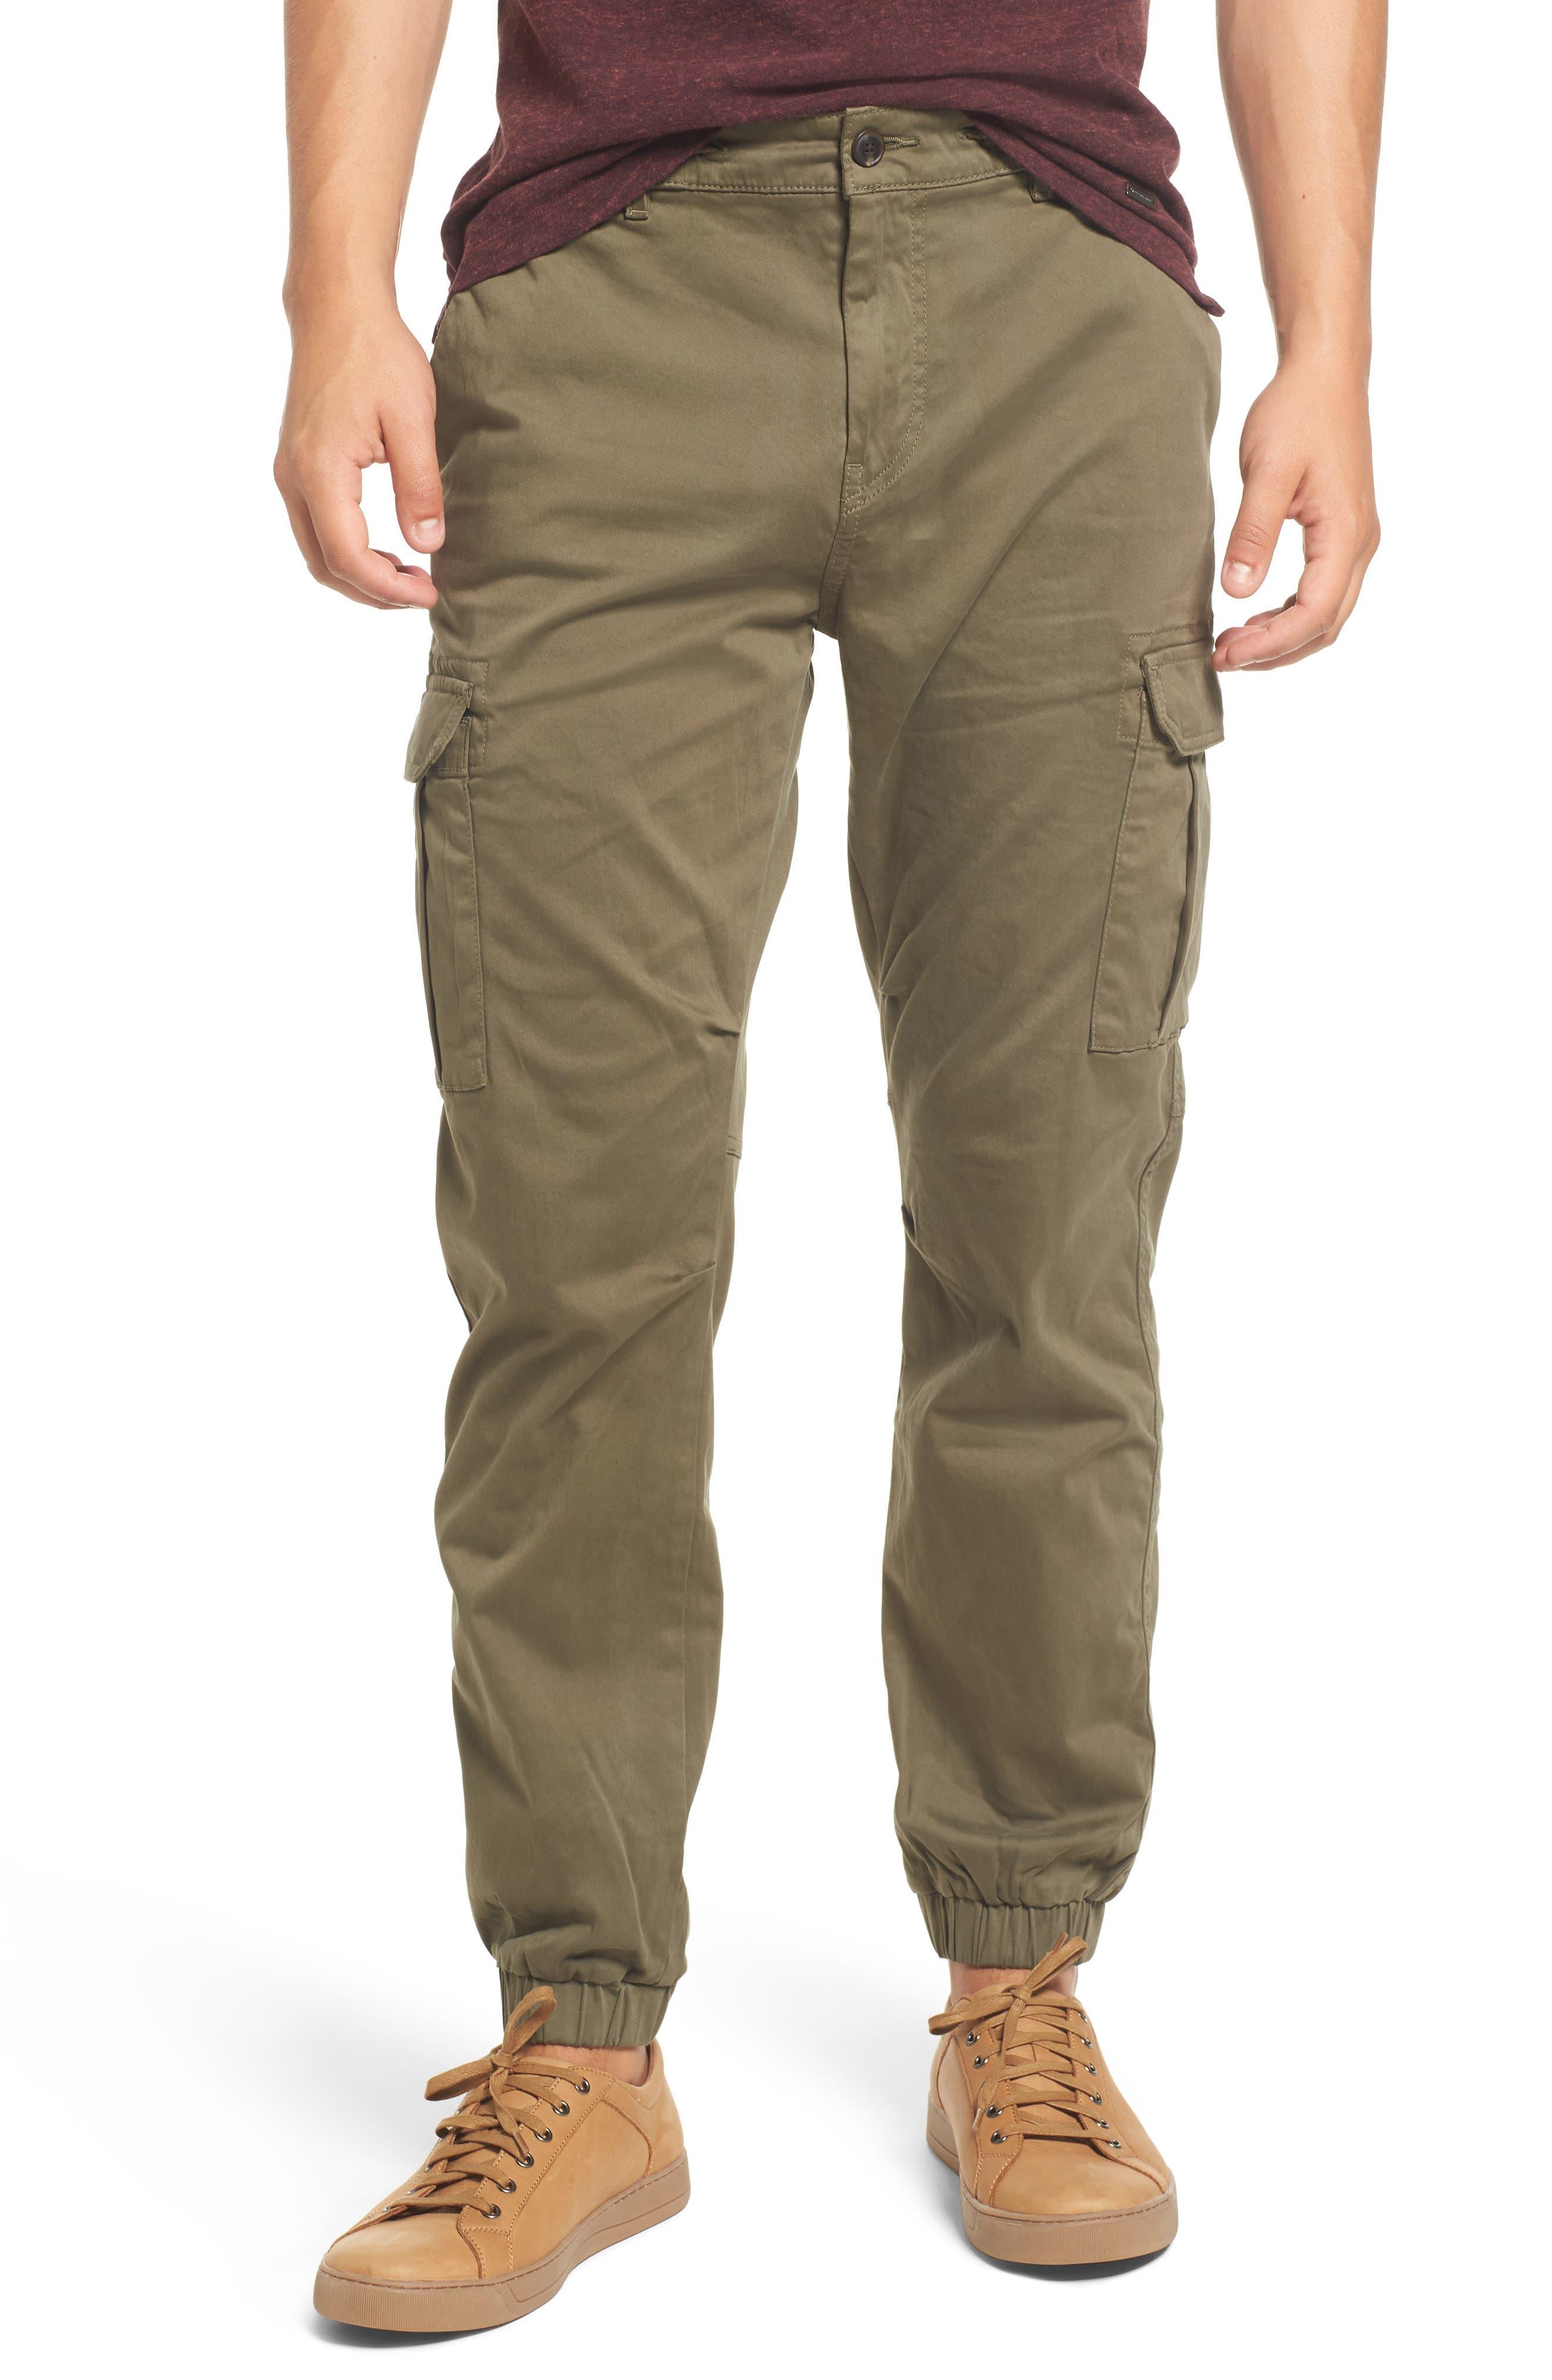 Shay 2 Cargo Pants,                             Main thumbnail 2, color,